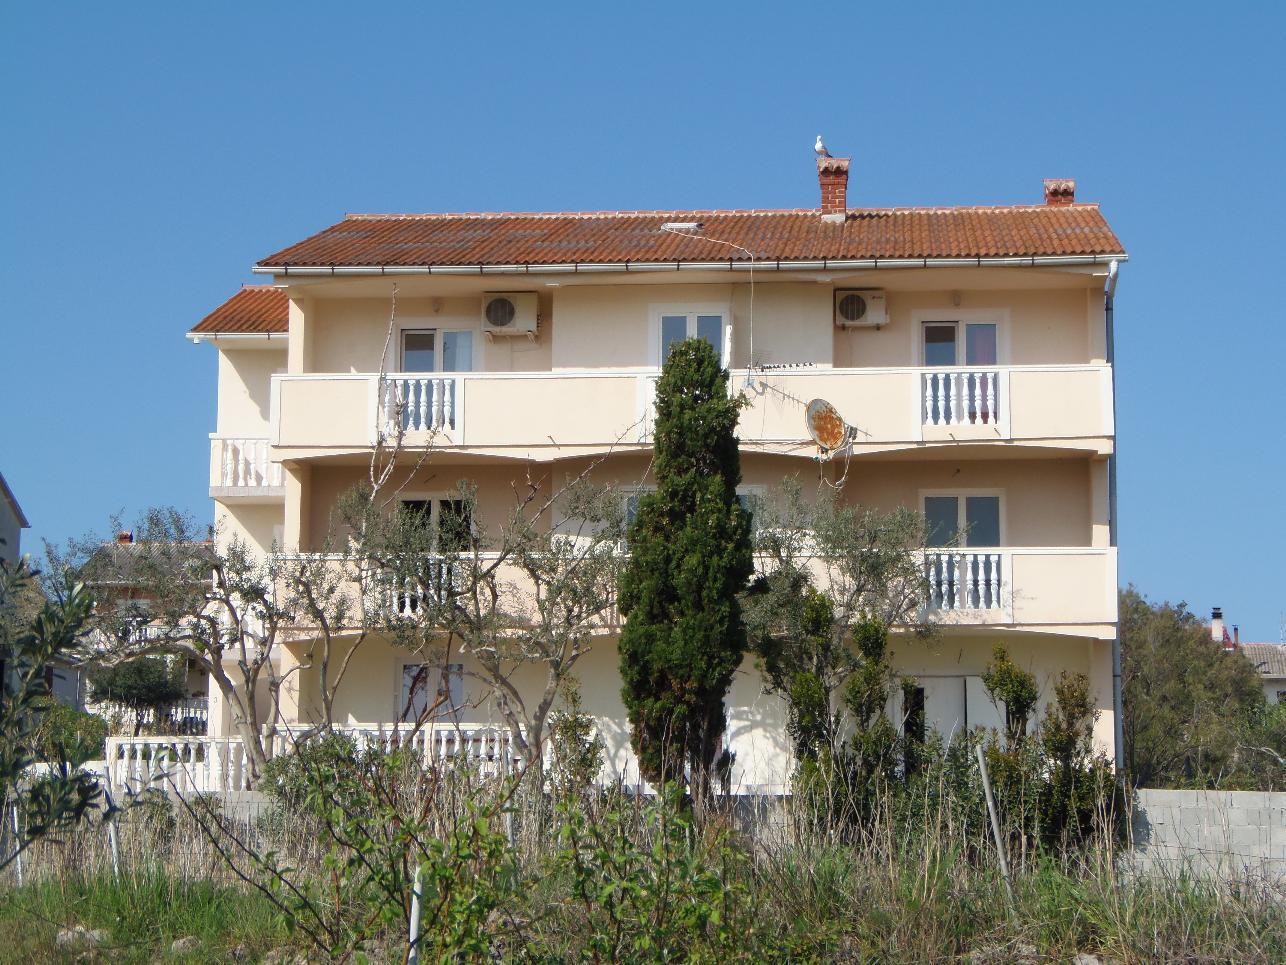 2235 - Povljana - Appartementen Kroatië - huis